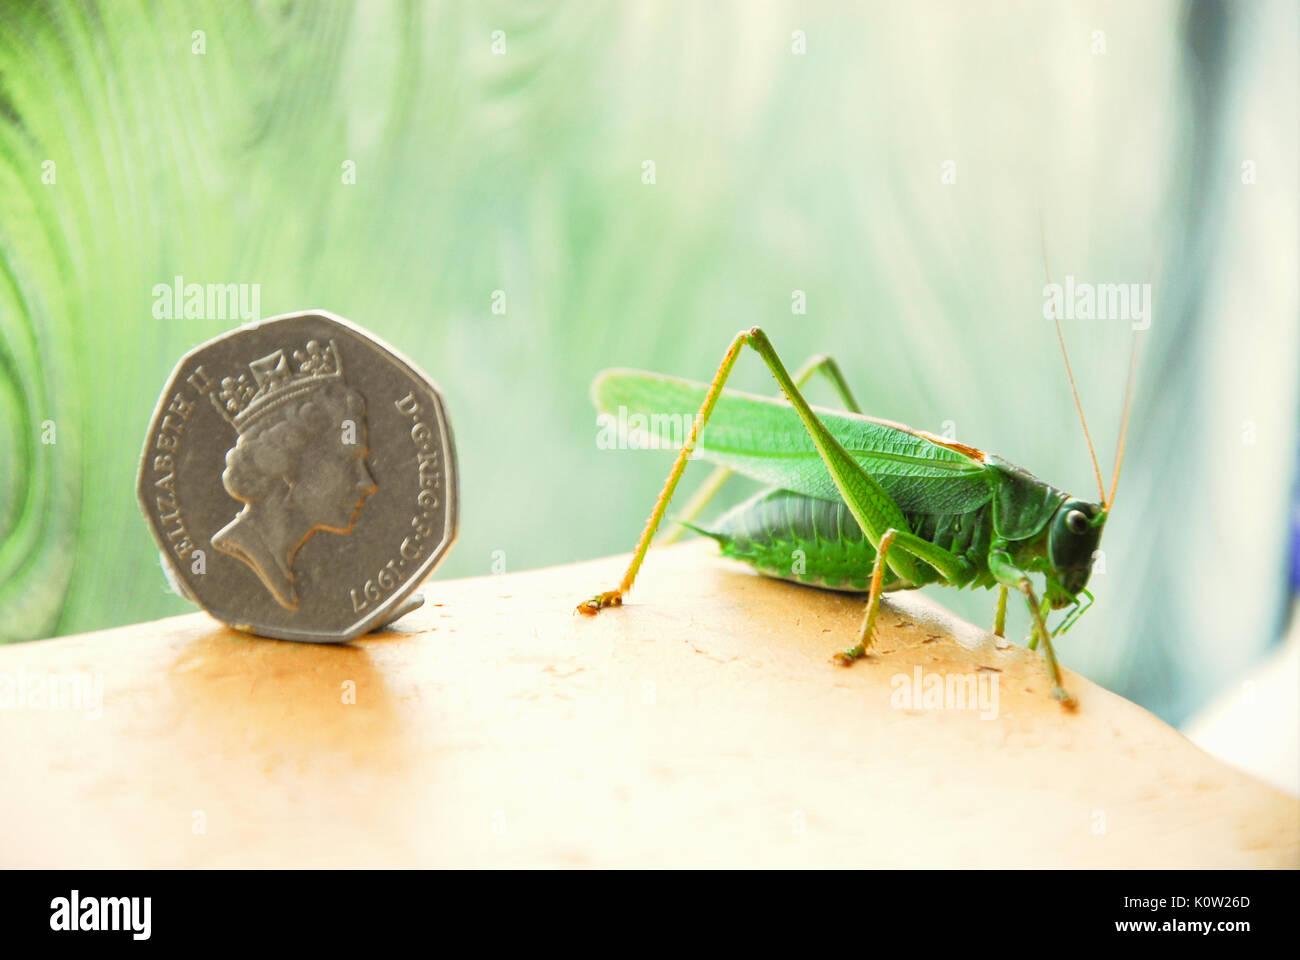 Fortuneswell, Dorset, Großbritannien. 24 Aug, 2017. Warmes Wetter bringt ein Mann großen Green Bush Cricket (Tettigonia Viridissima) im Fortuneswell, Isle of Portland, gesehen neben einem 50p Münze Credit: stuart Hartmut Ost/Alamy leben Nachrichten Stockbild